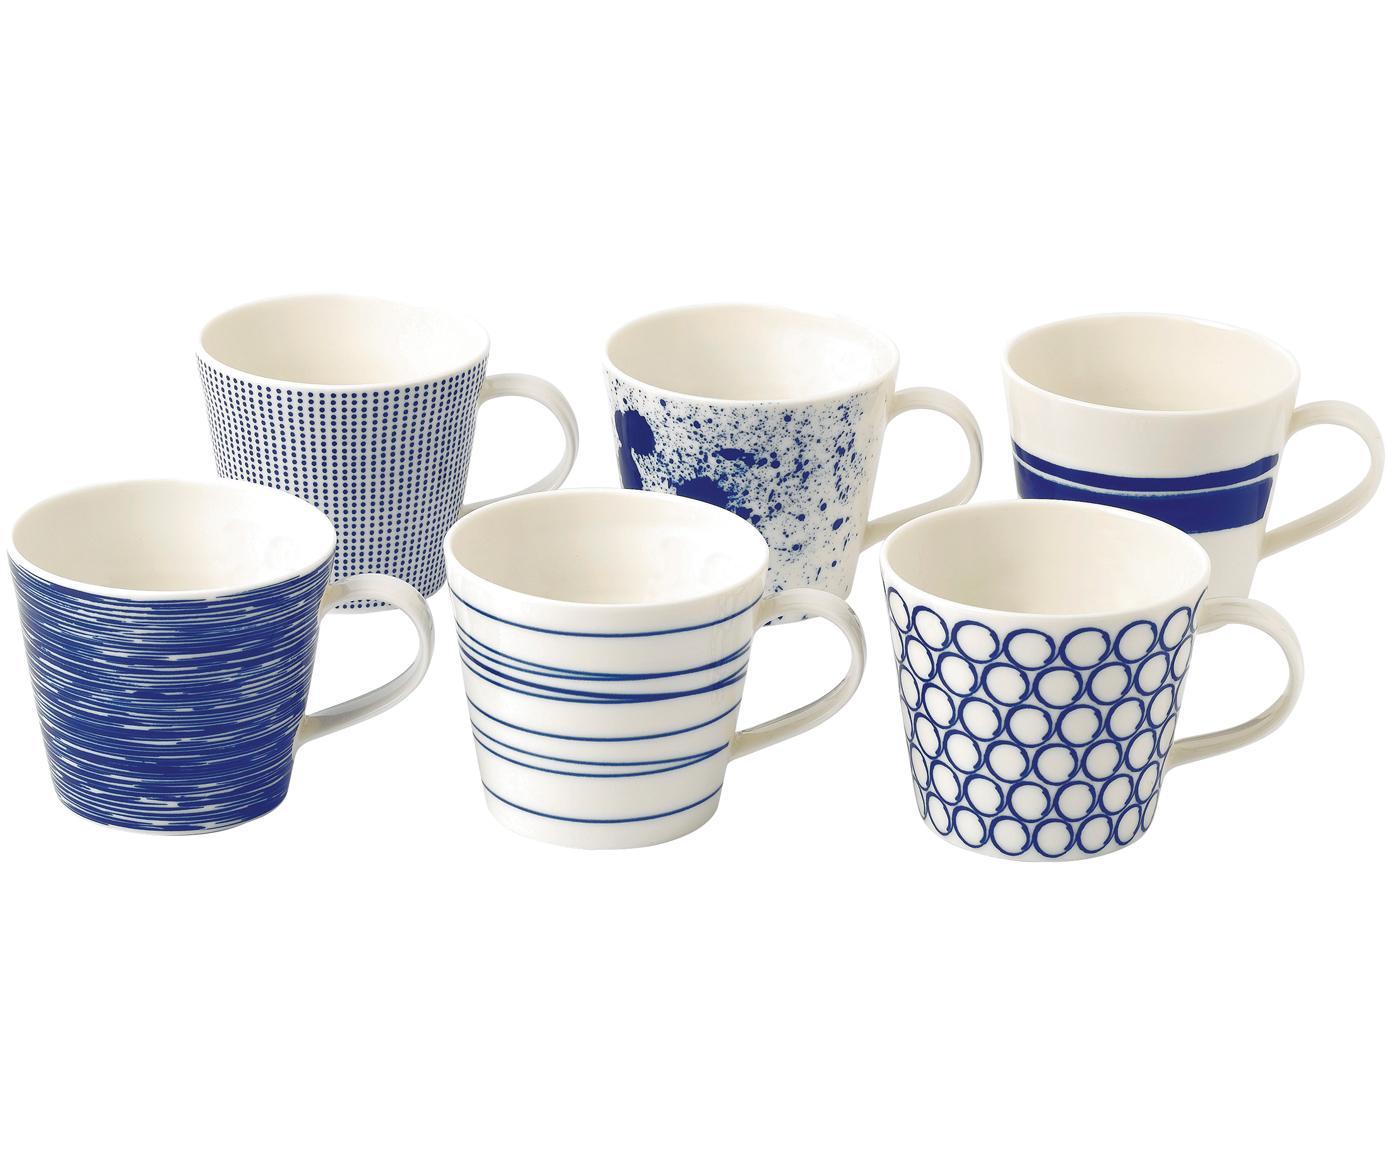 Tassen-Set Pacific, 6-tlg., Porzellan, Weiss, Pazifikblau, Ø 10 x H 9 cm